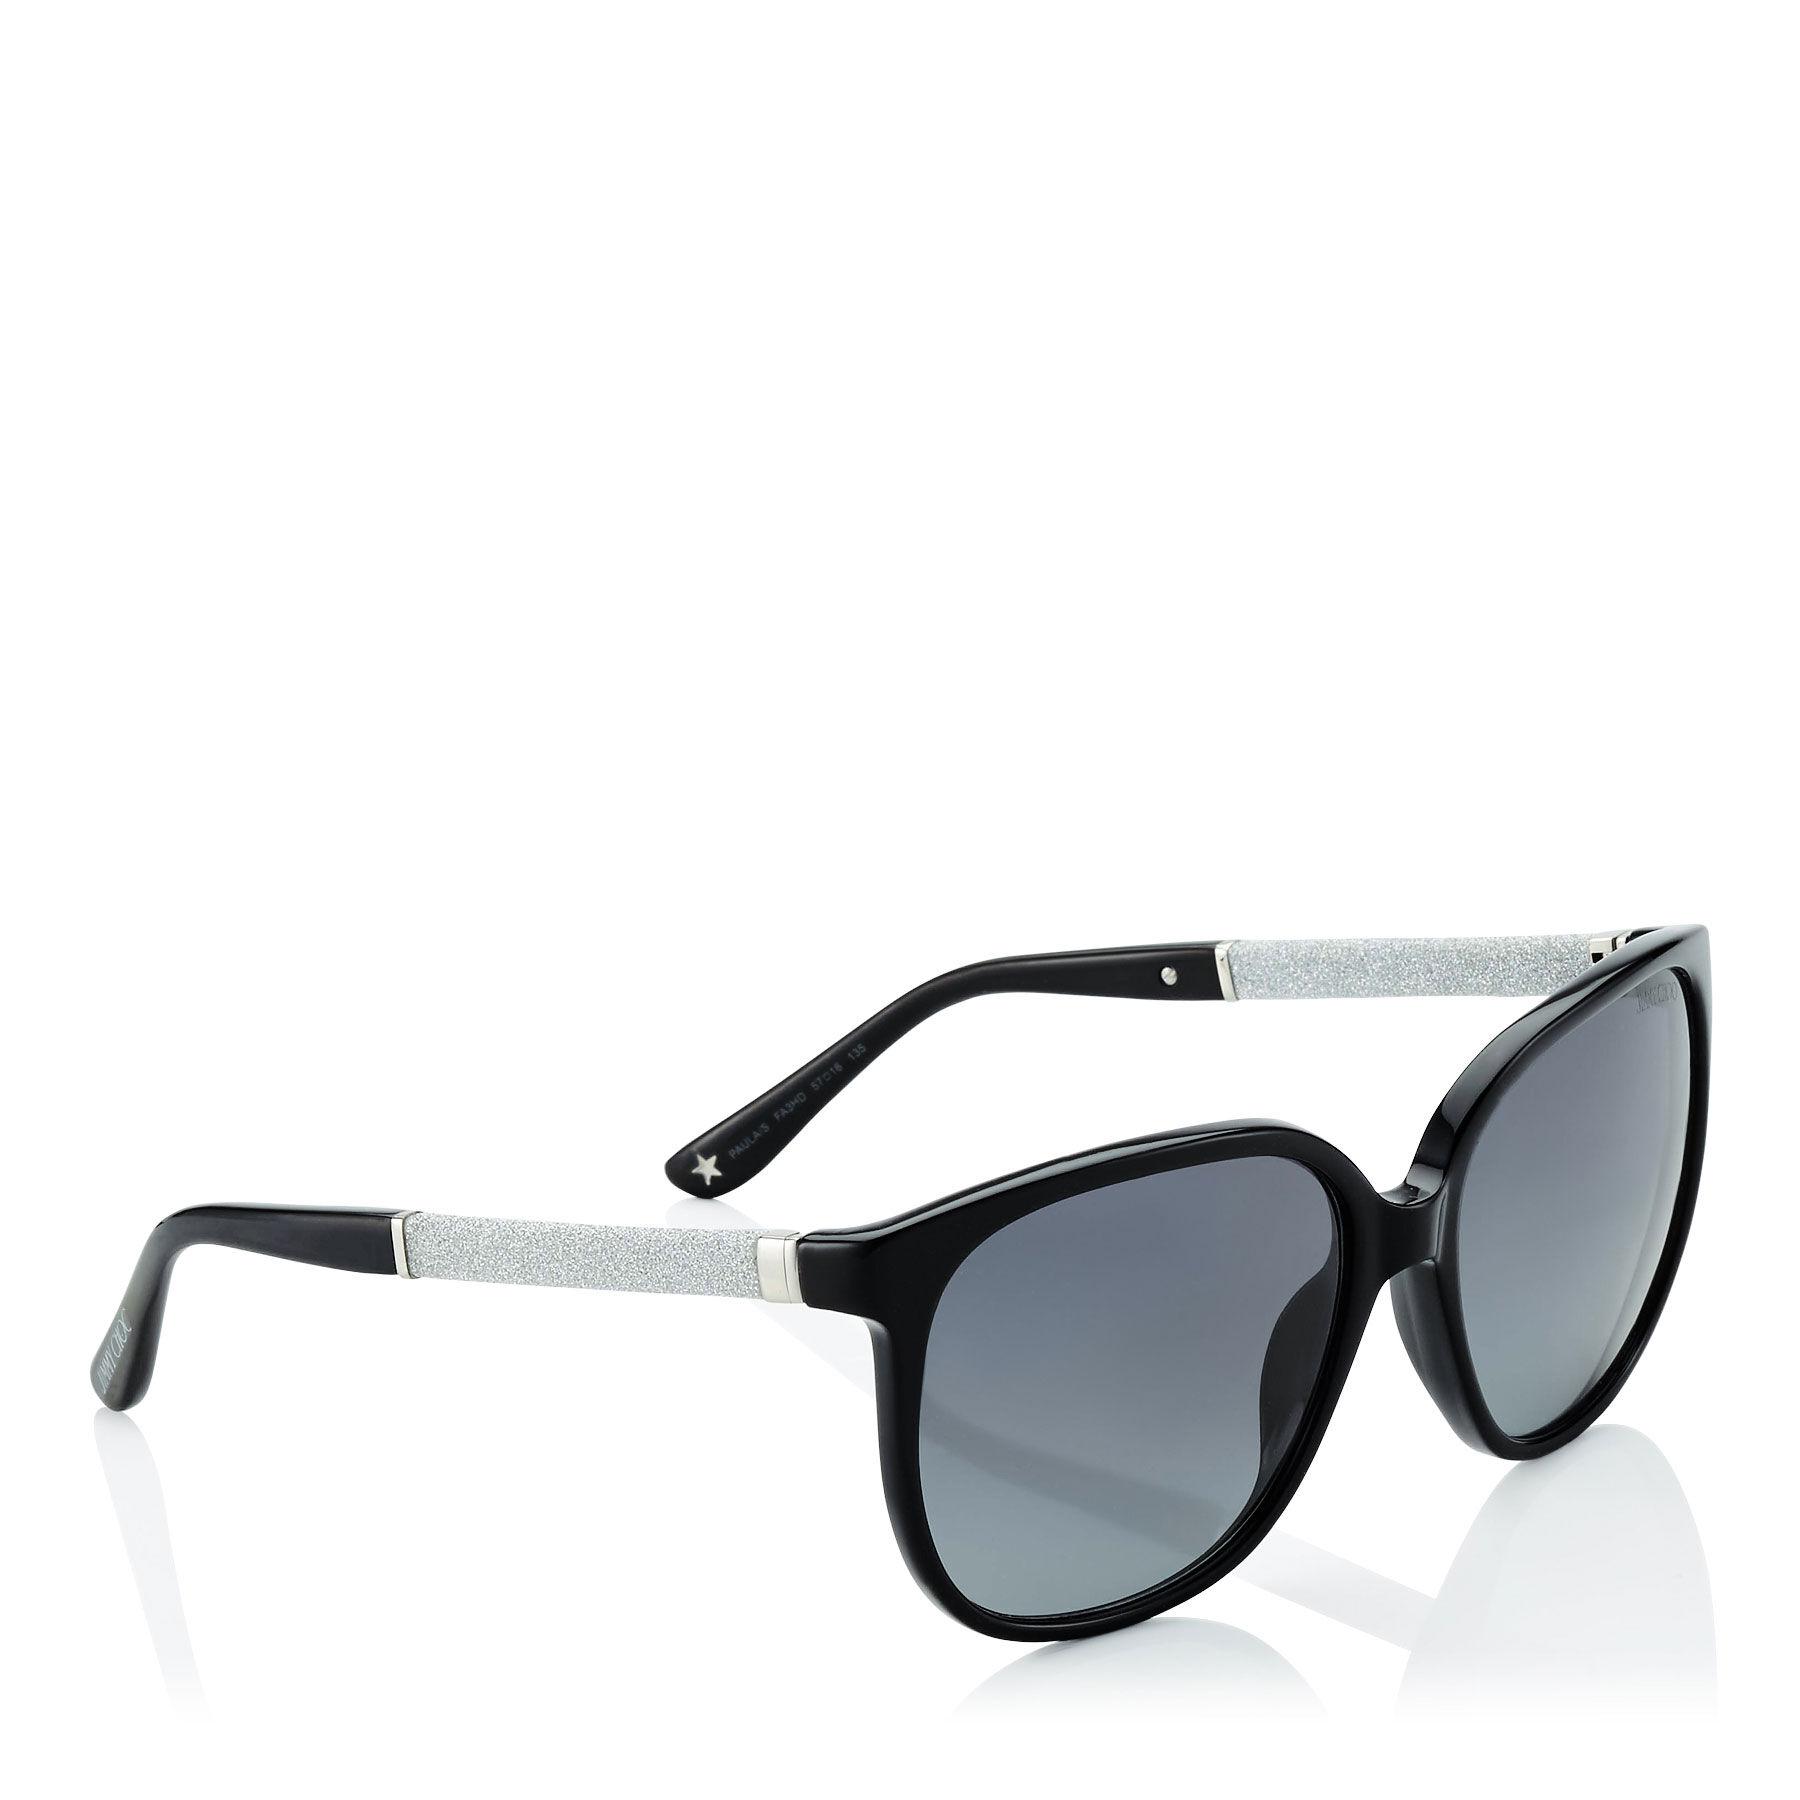 59f1a7dc7f3a ... jimmy choo 2016 sunglasses style ...